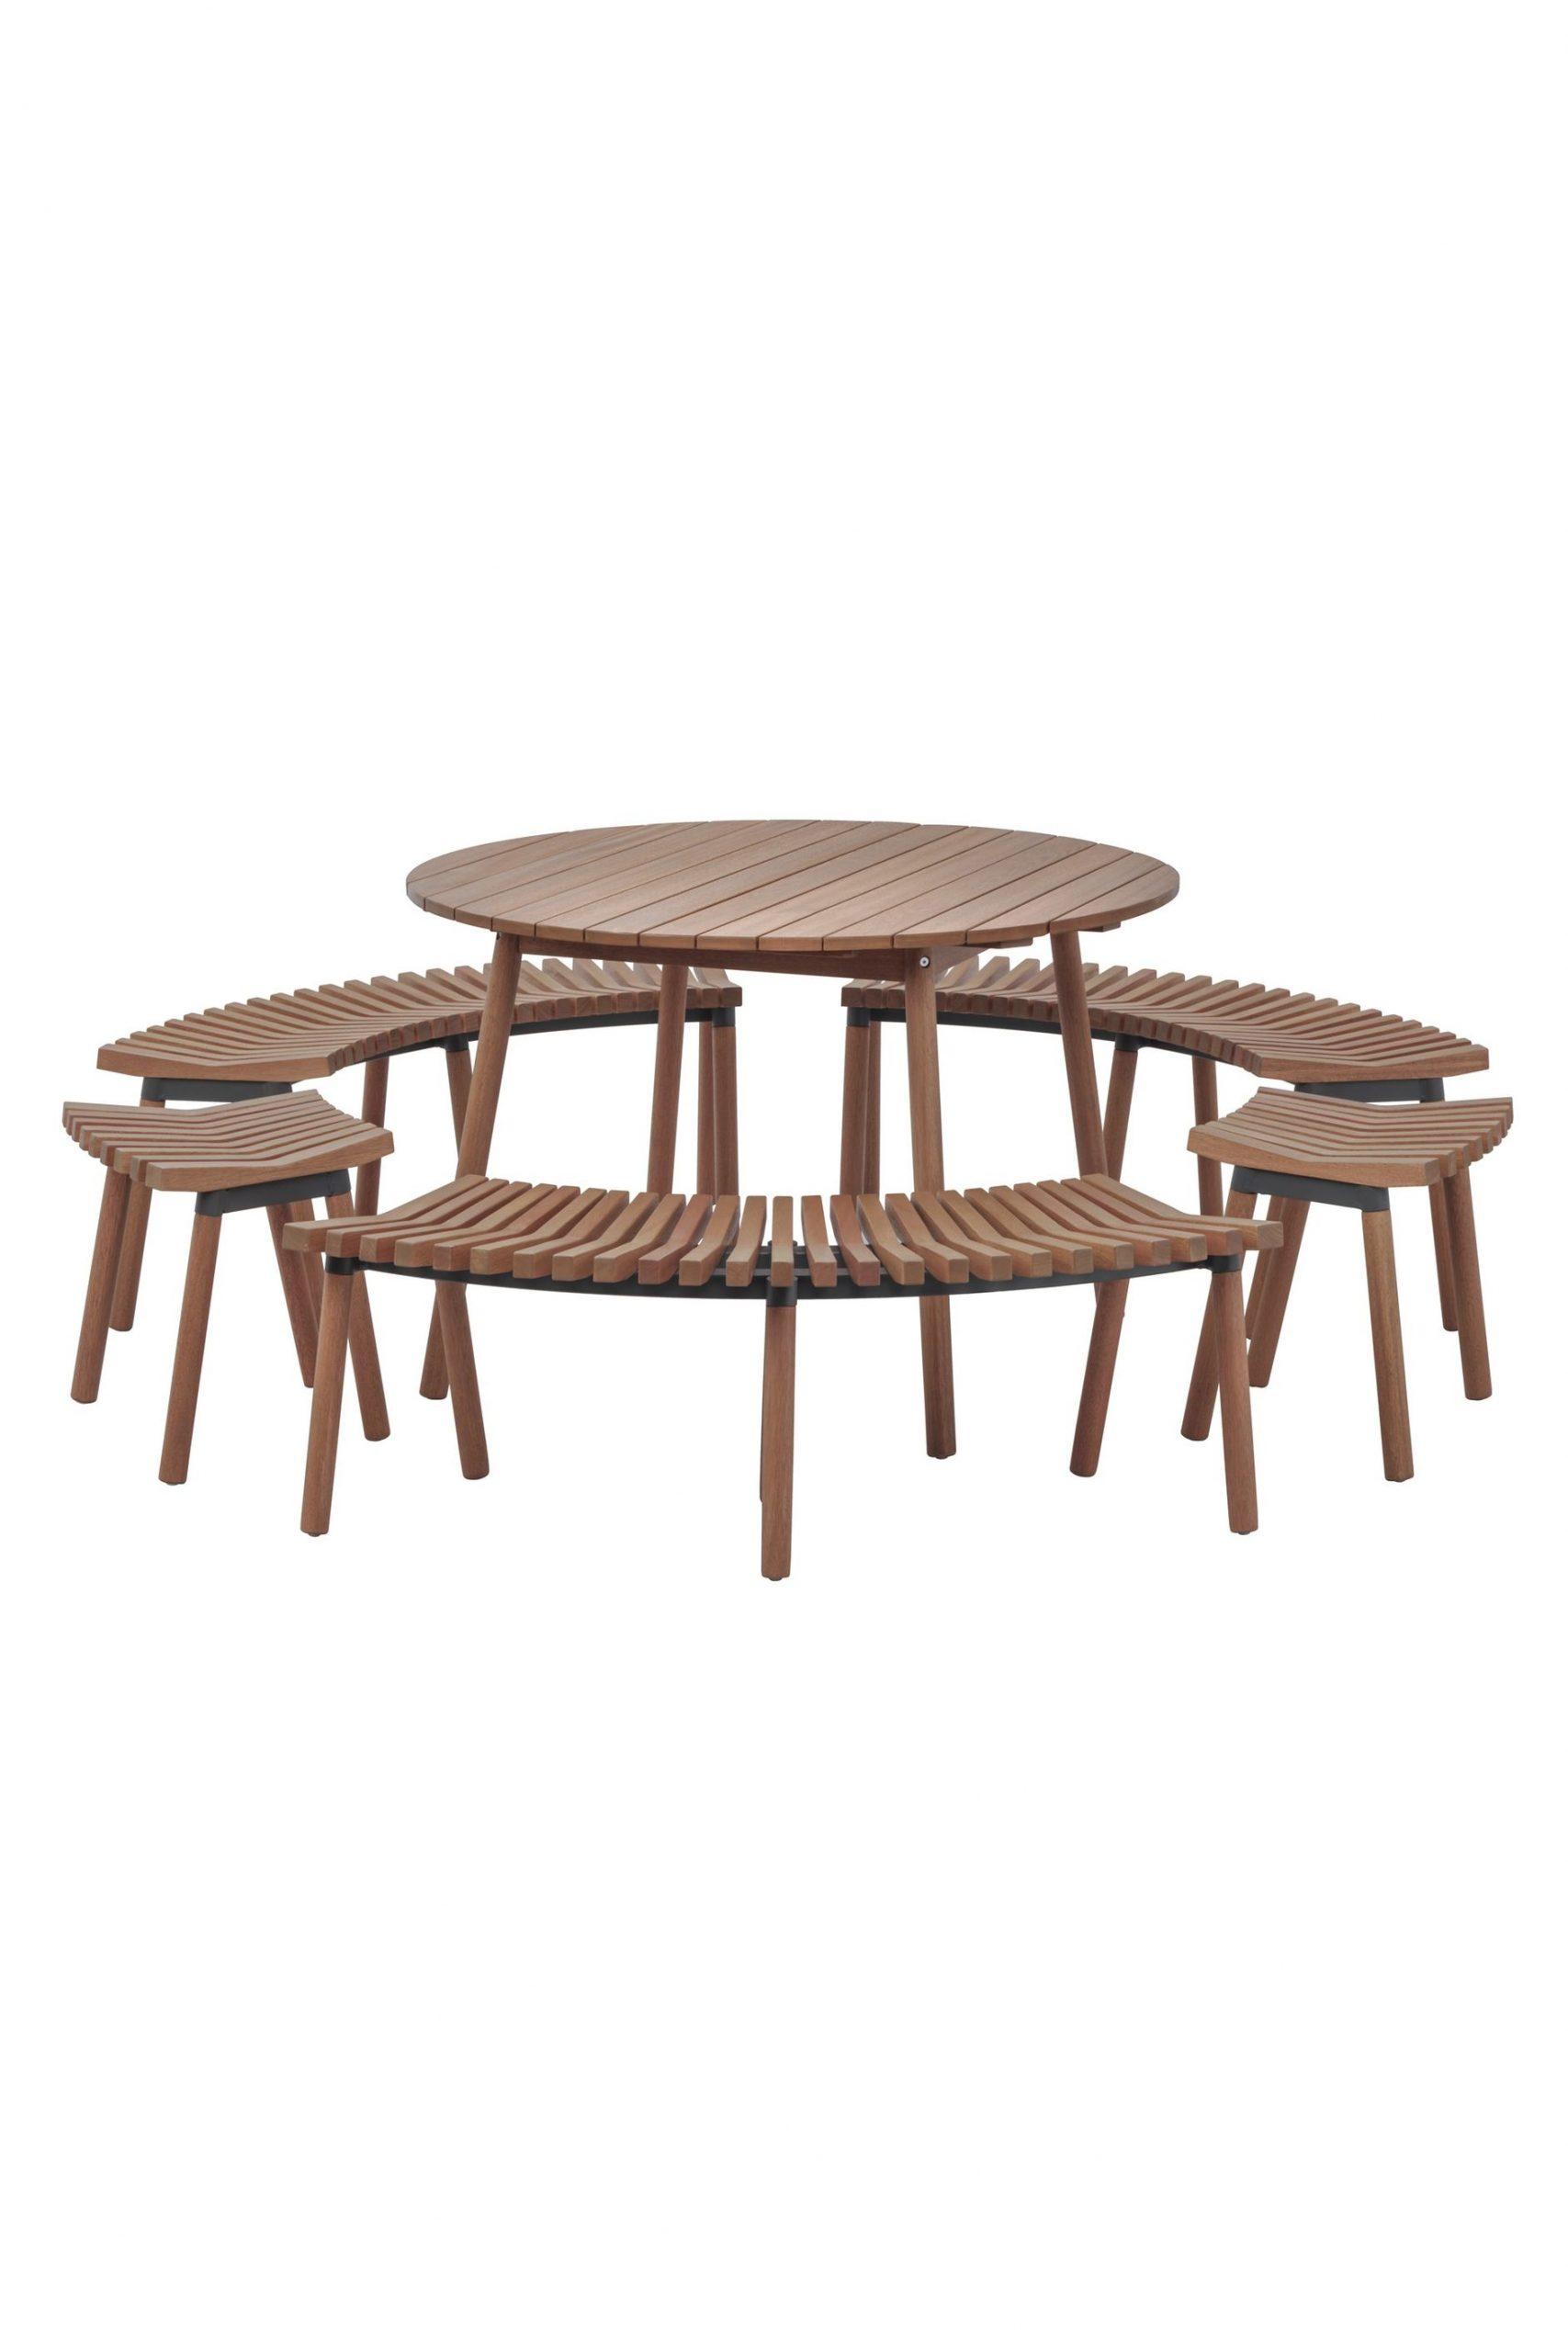 Full Size of Ikea Deutschland Aus Robustem Eukalyptus Gefertigt Küche Kaufen Sofa Mit Schlaffunktion Kosten Modulküche Betten 160x200 Miniküche Bei Wohnzimmer Ikea Gartentisch